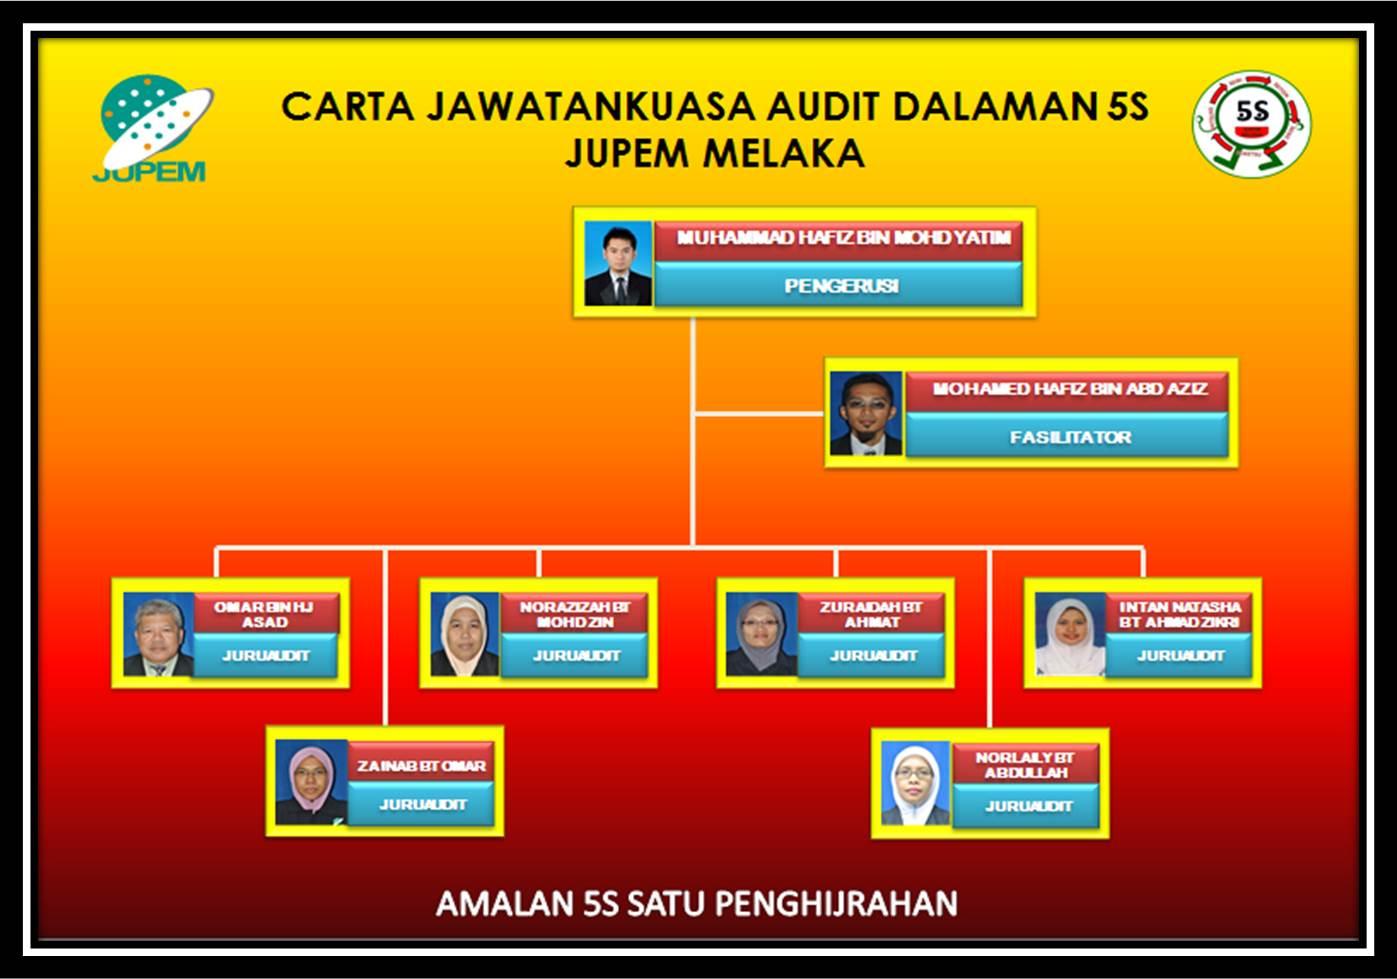 Audit Dalaman 5s Jupem Melaka Carta Organisasi Audit Dalaman 5s